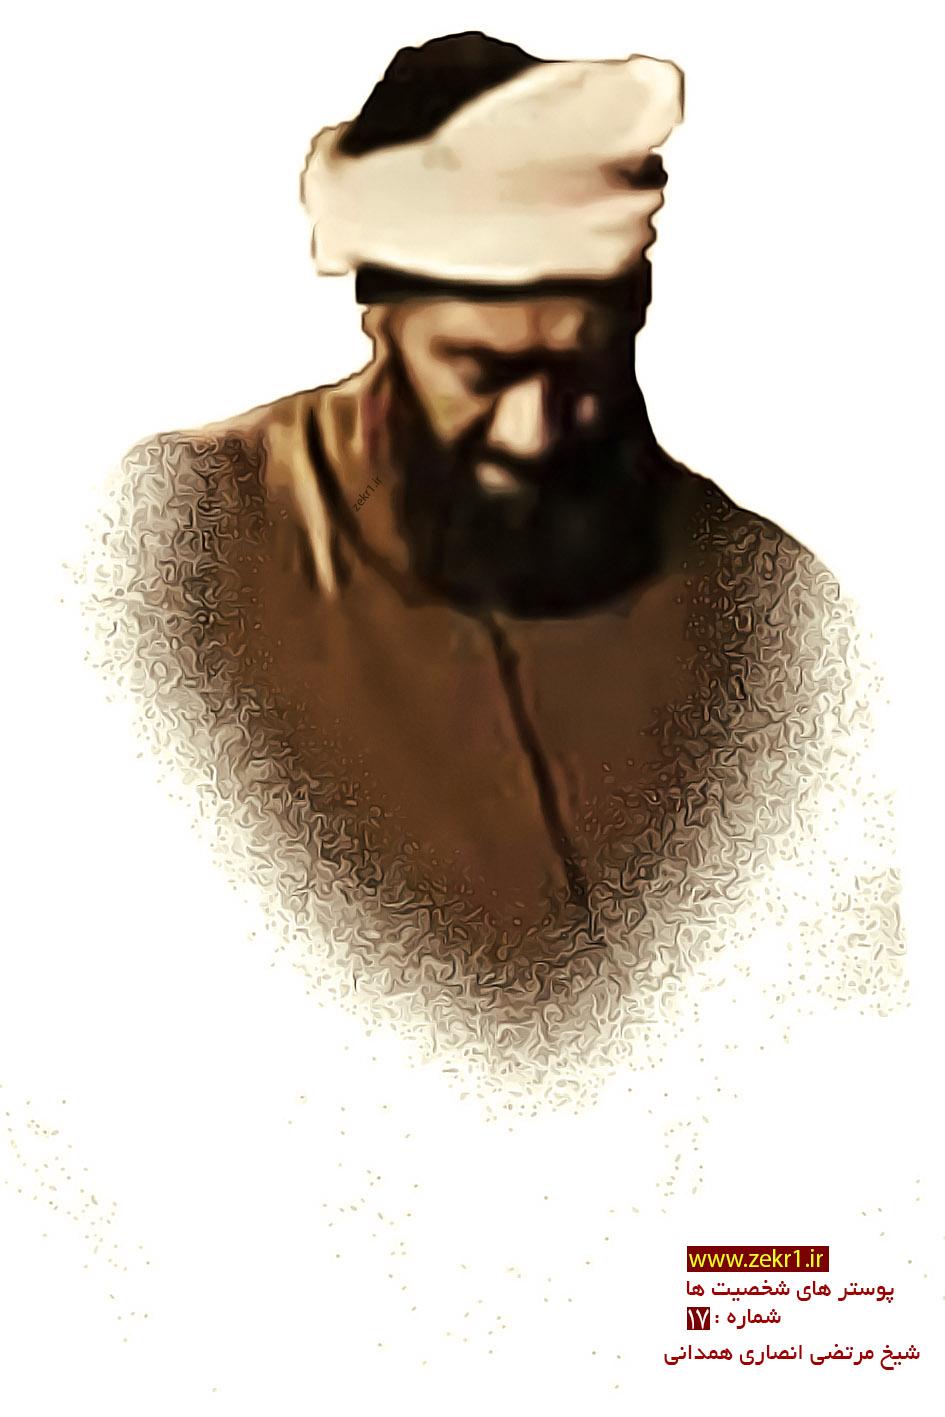 پوستر حضرت آیت الله محمدجواد انصاری همدانی ، نقاشی چهره شیخ محمد جواد انصاری